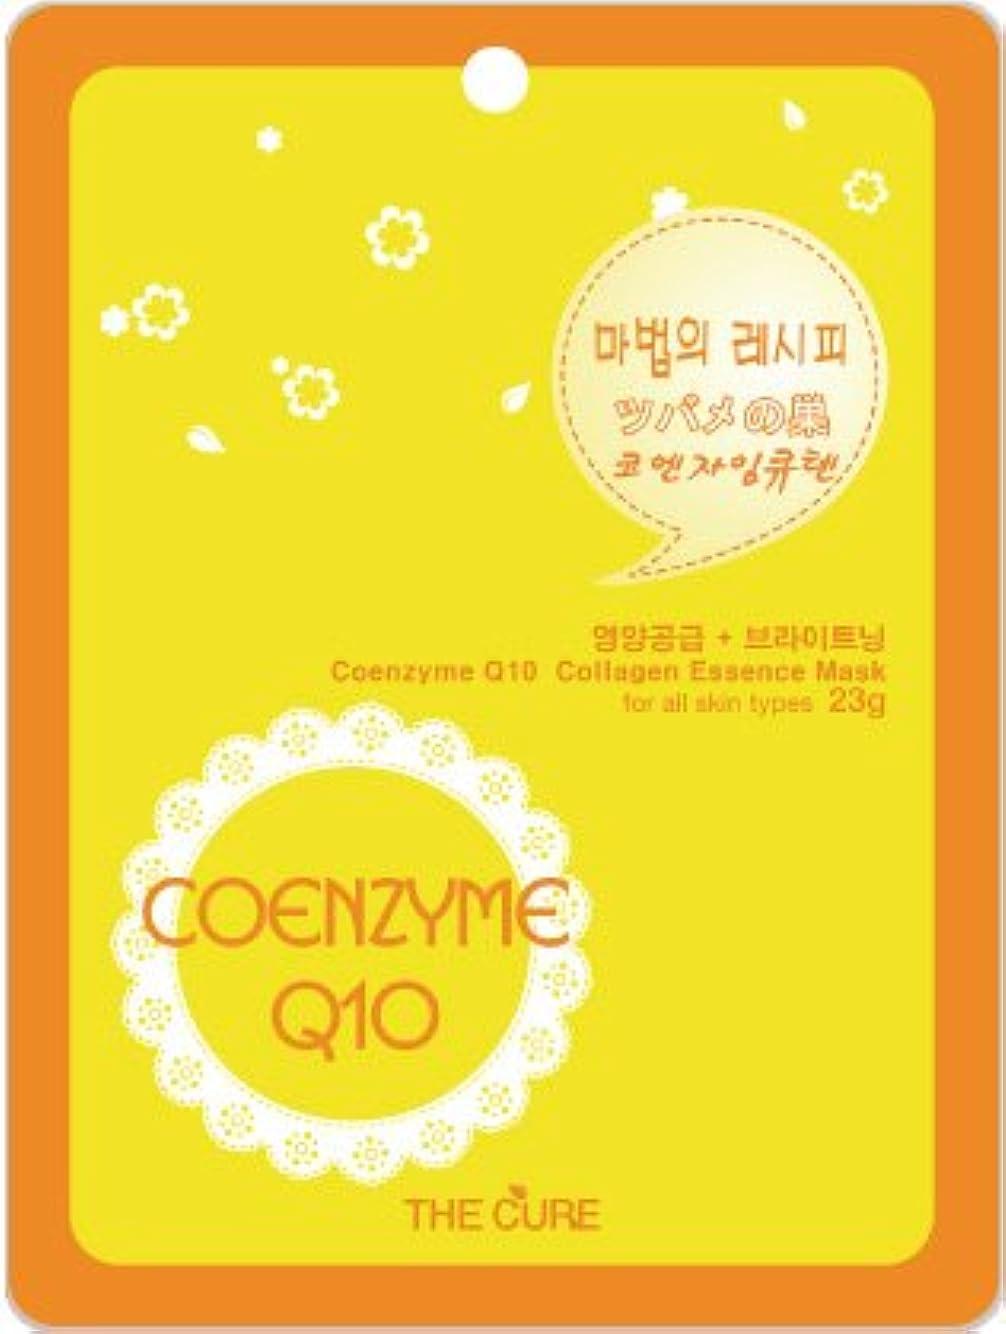 暴力的な夫婦コエンザイムQ10 コラーゲン エッセンス マスク THE CURE シート パック 10枚セット 韓国 コスメ 乾燥肌 オイリー肌 混合肌